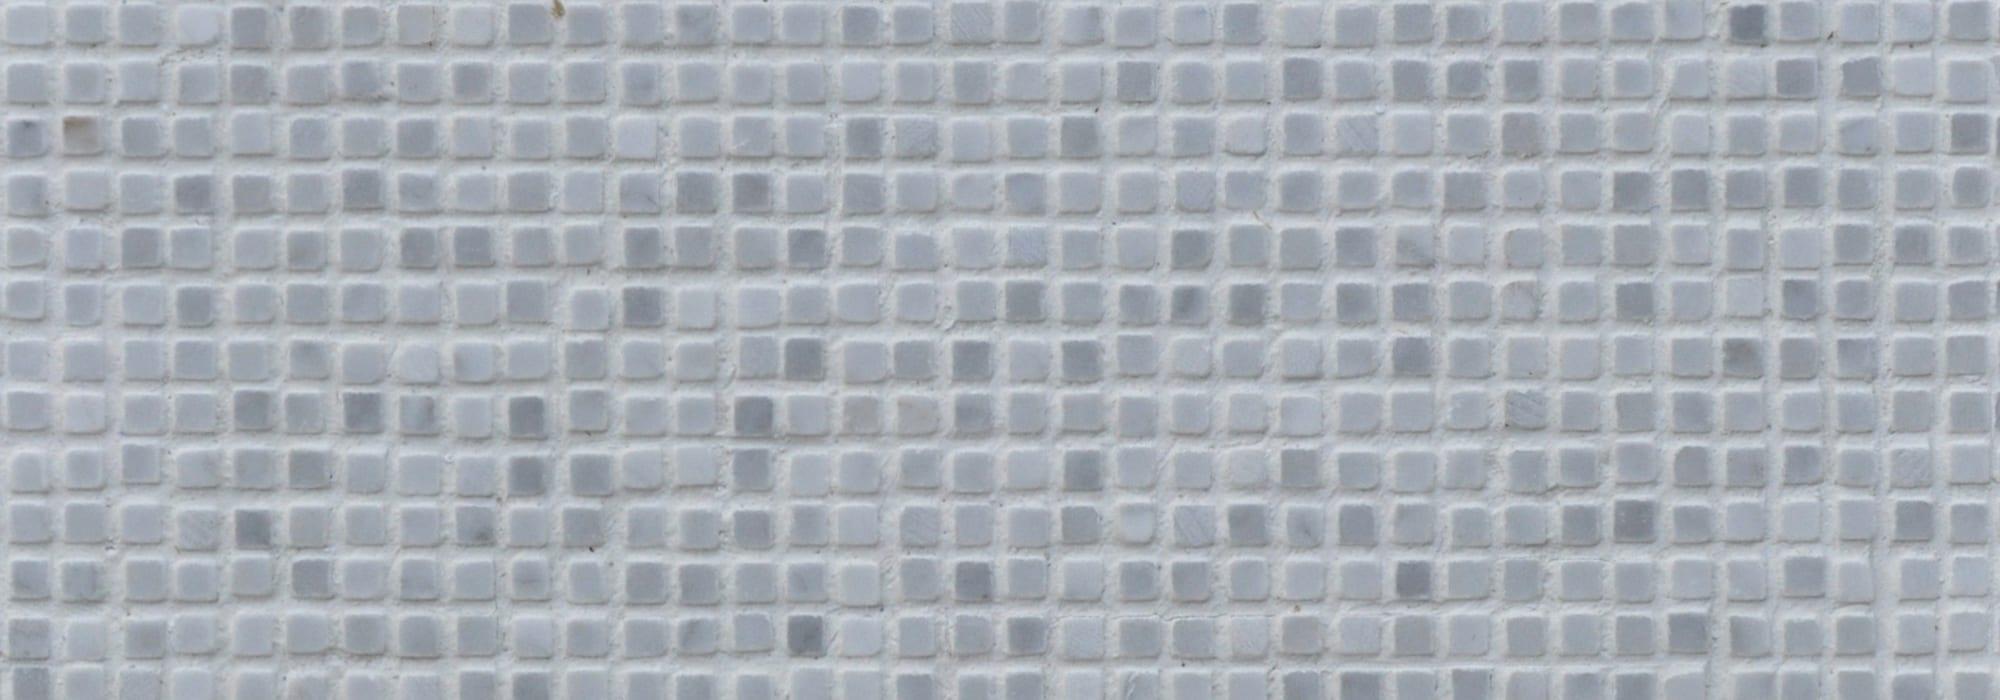 פסיפס אבן קררה מיקרו 0.5*0.5 מלוטש מבריק רשת 25*2 by Milstone